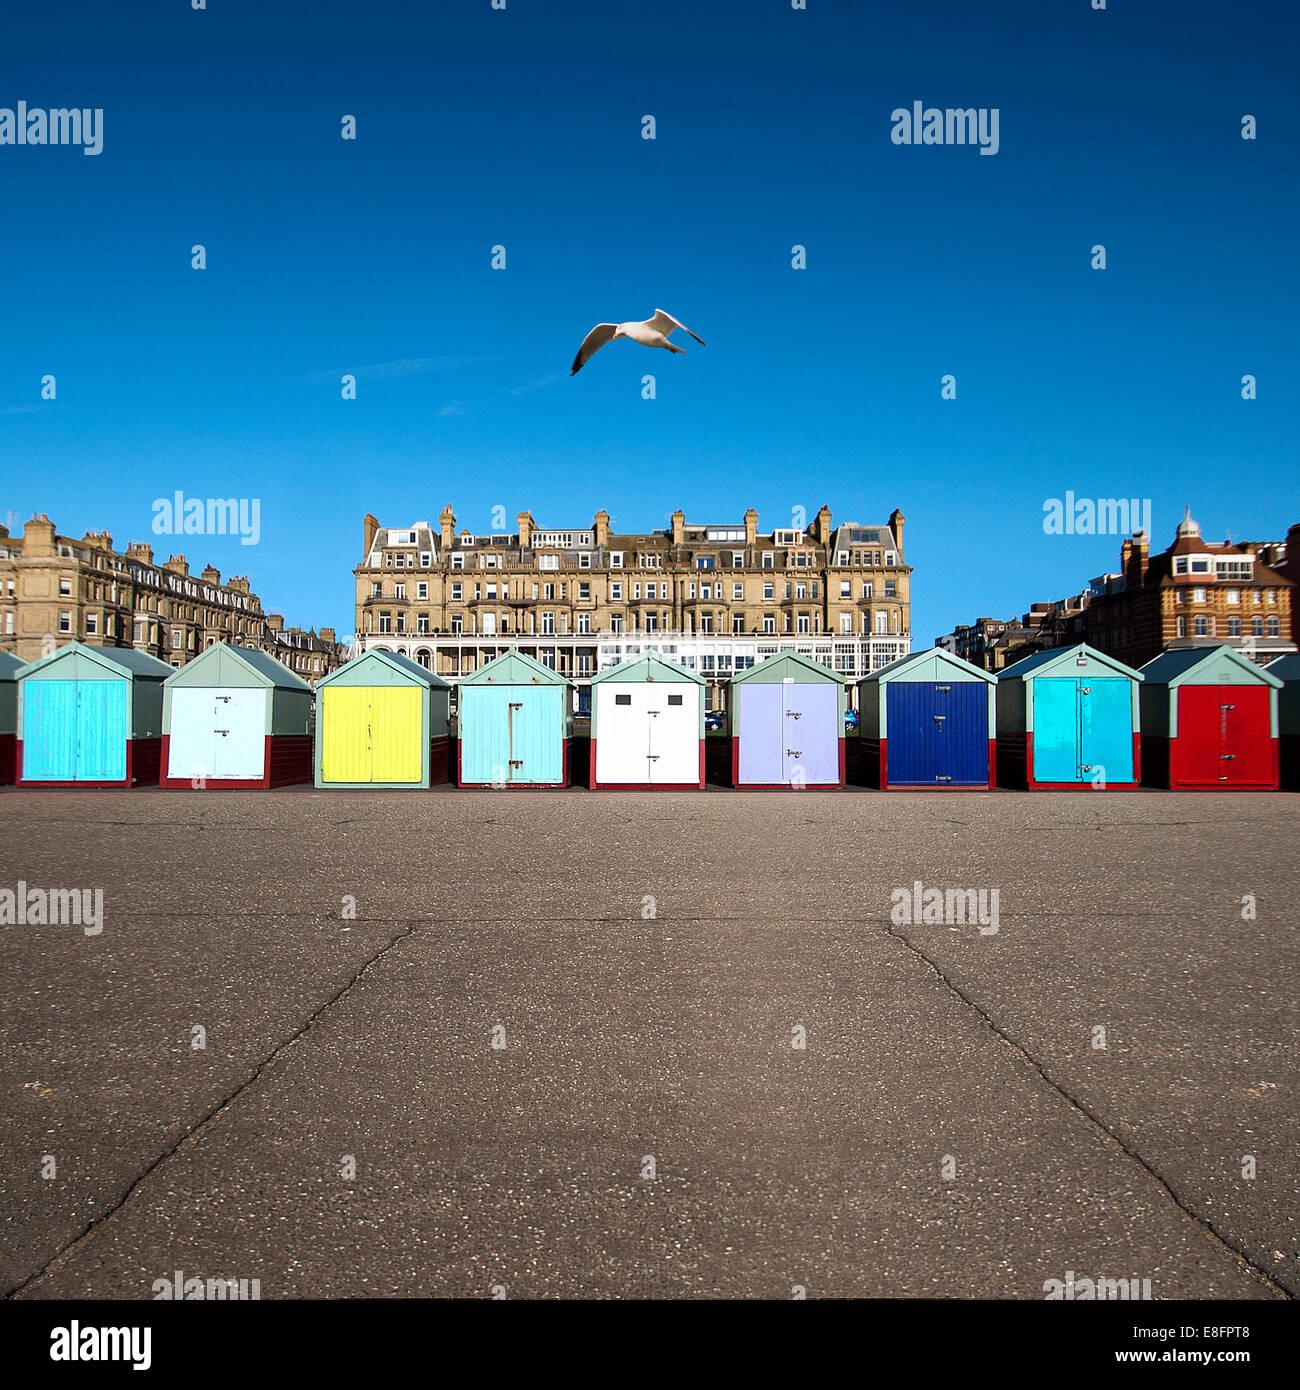 Multi-couleur rangée de cabines de plage, Brighton, England, UK Photo Stock